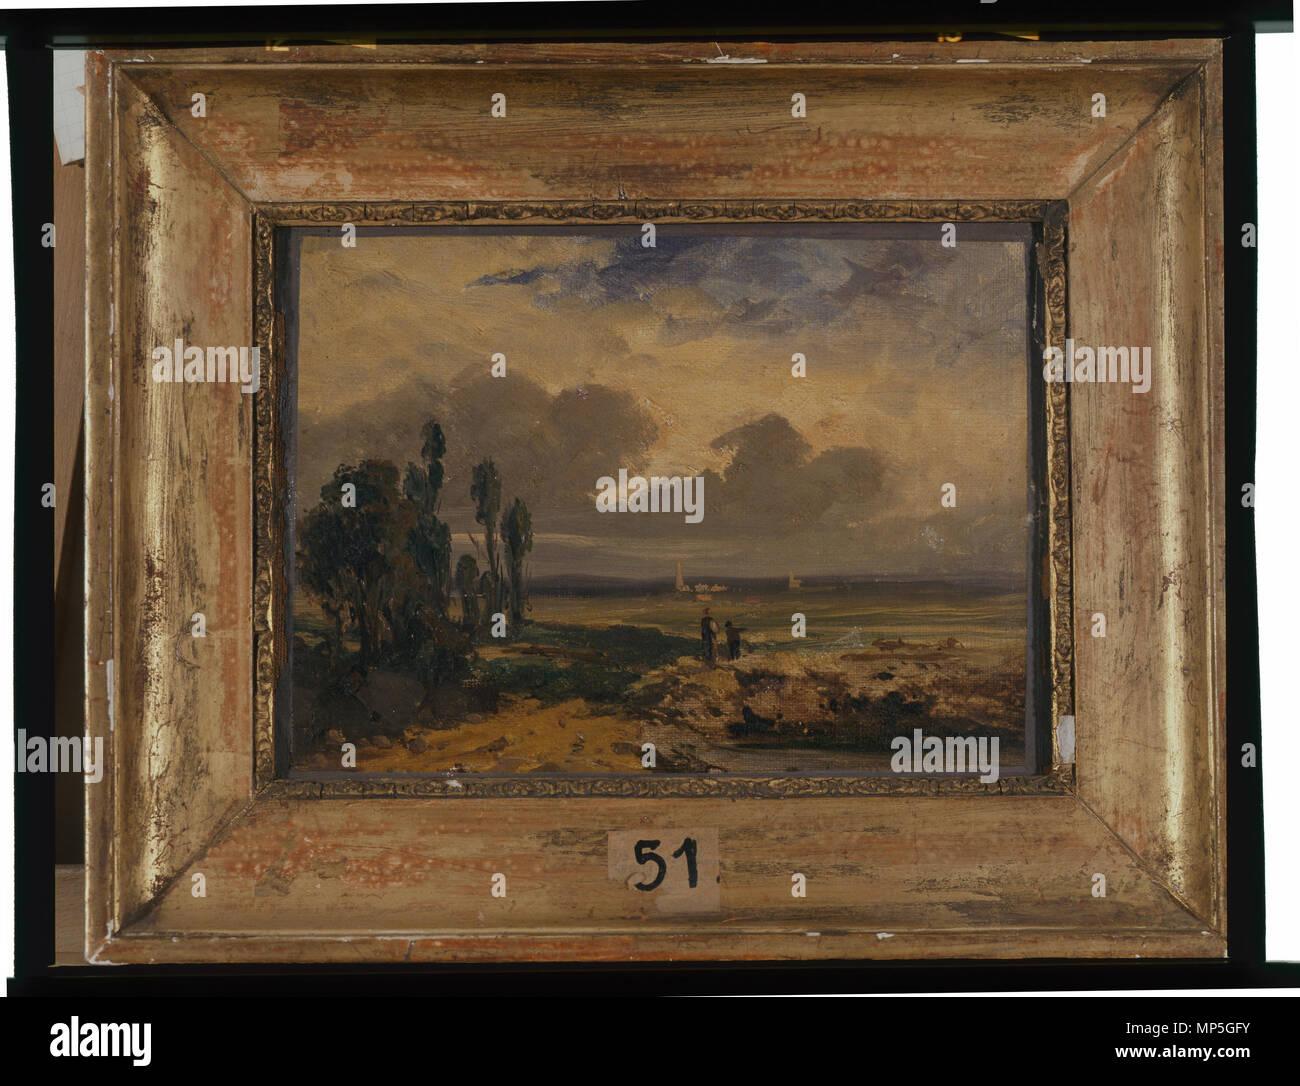 968 Paysage - anonyme - musée d'art et d'histoire de Saint-Brieuc, DOC 51 Stock Photo